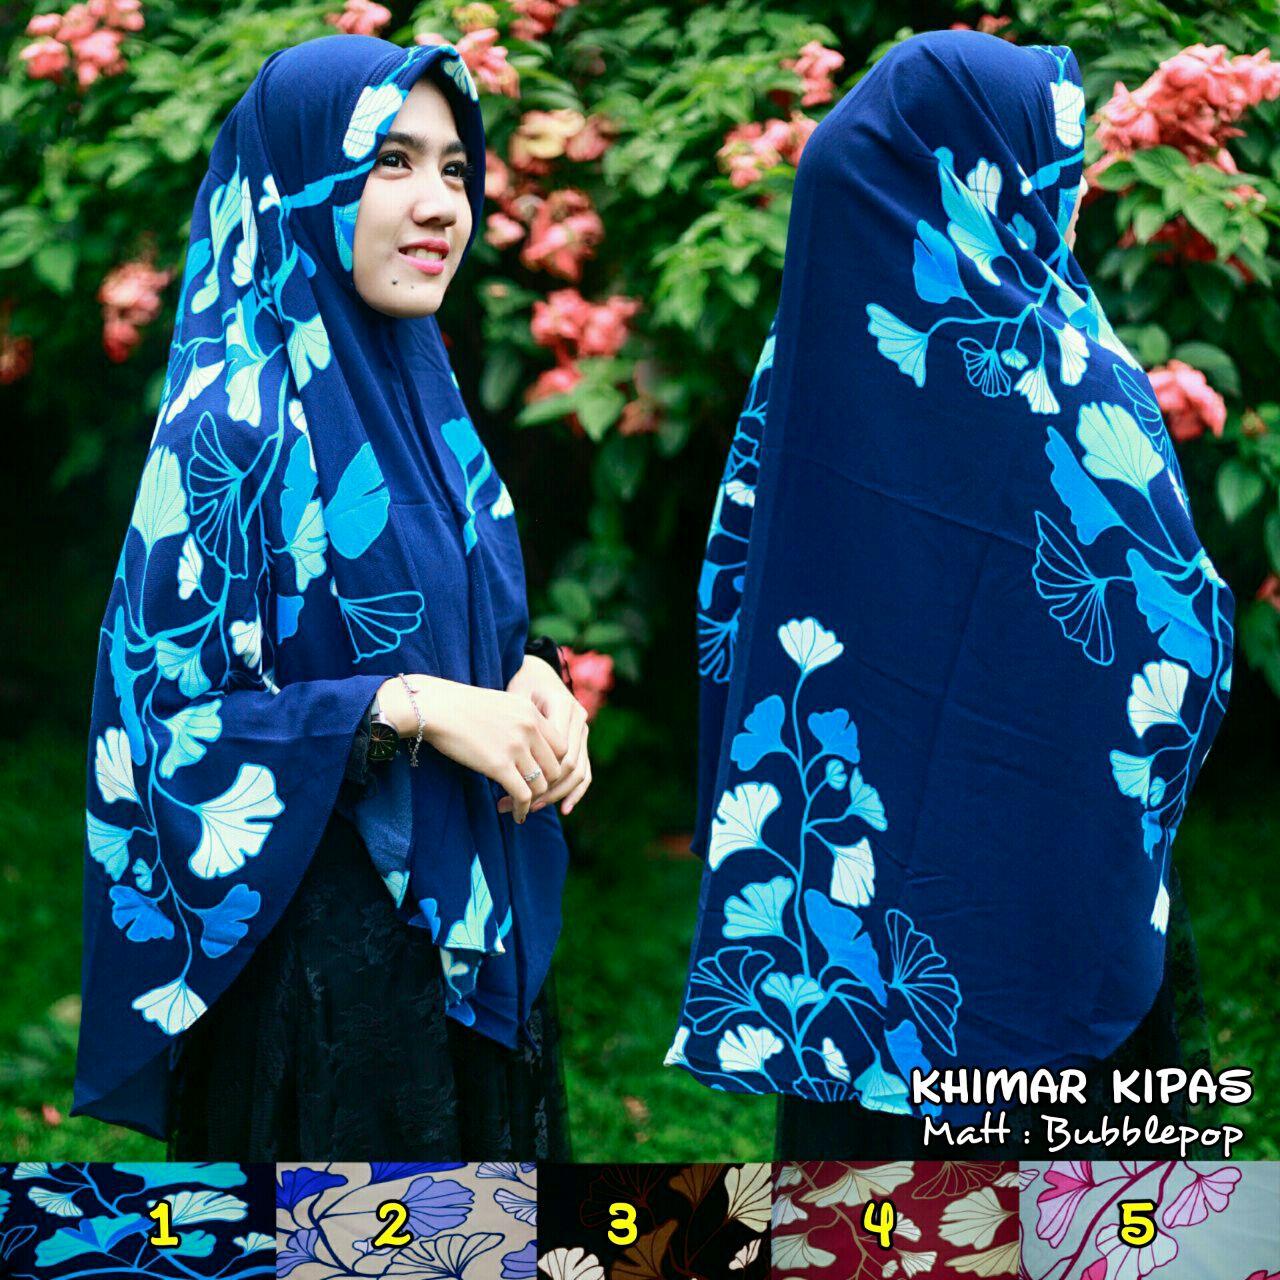 Khimar Kipas 36 39 50 670 SG Jilbab